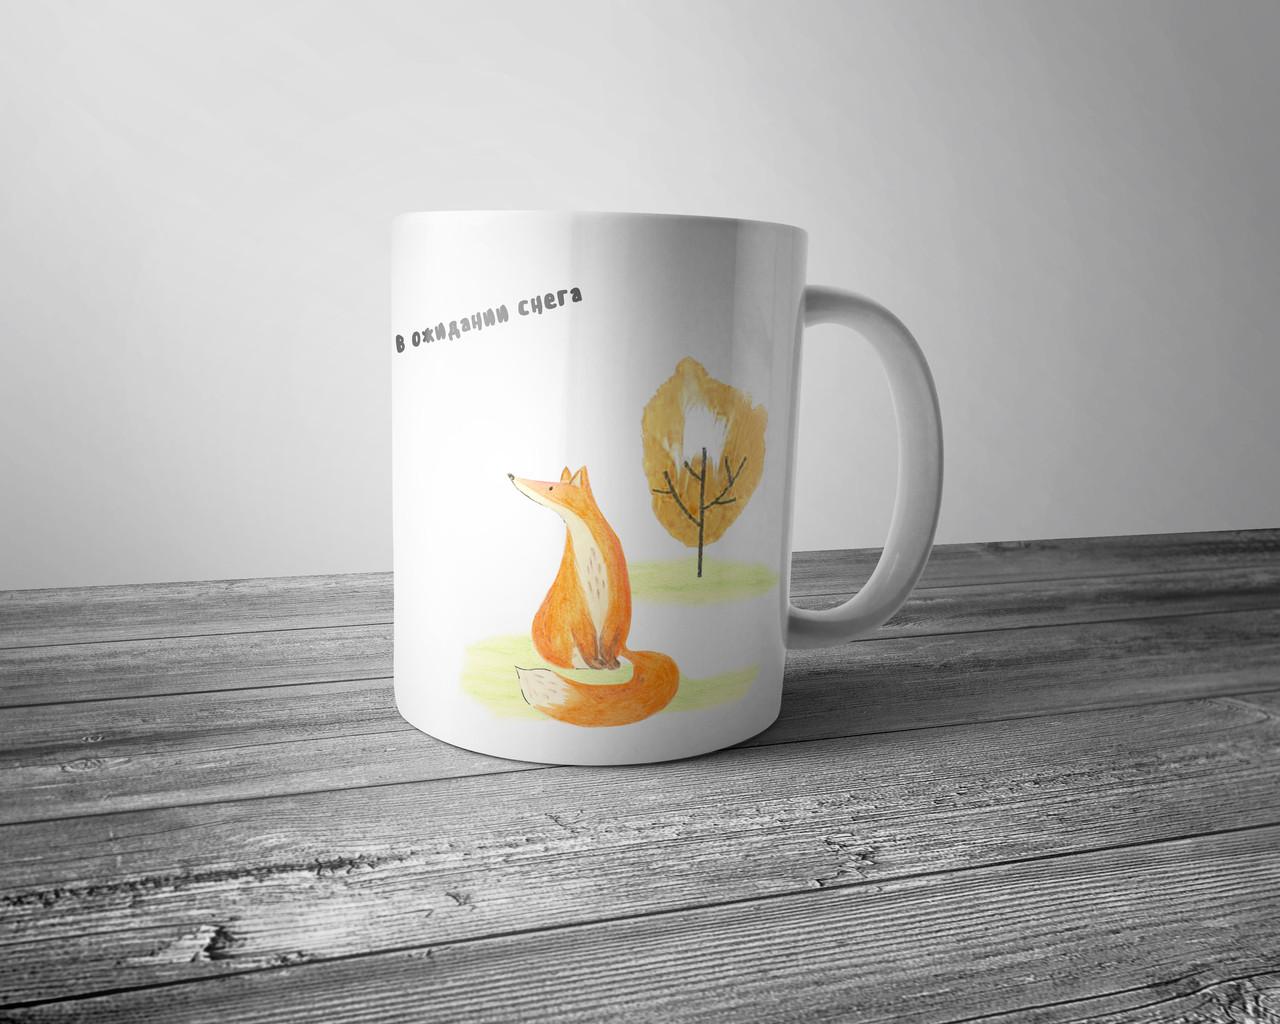 """Чашка повнокольоровим зображенням """"в очікуванні снігу"""""""